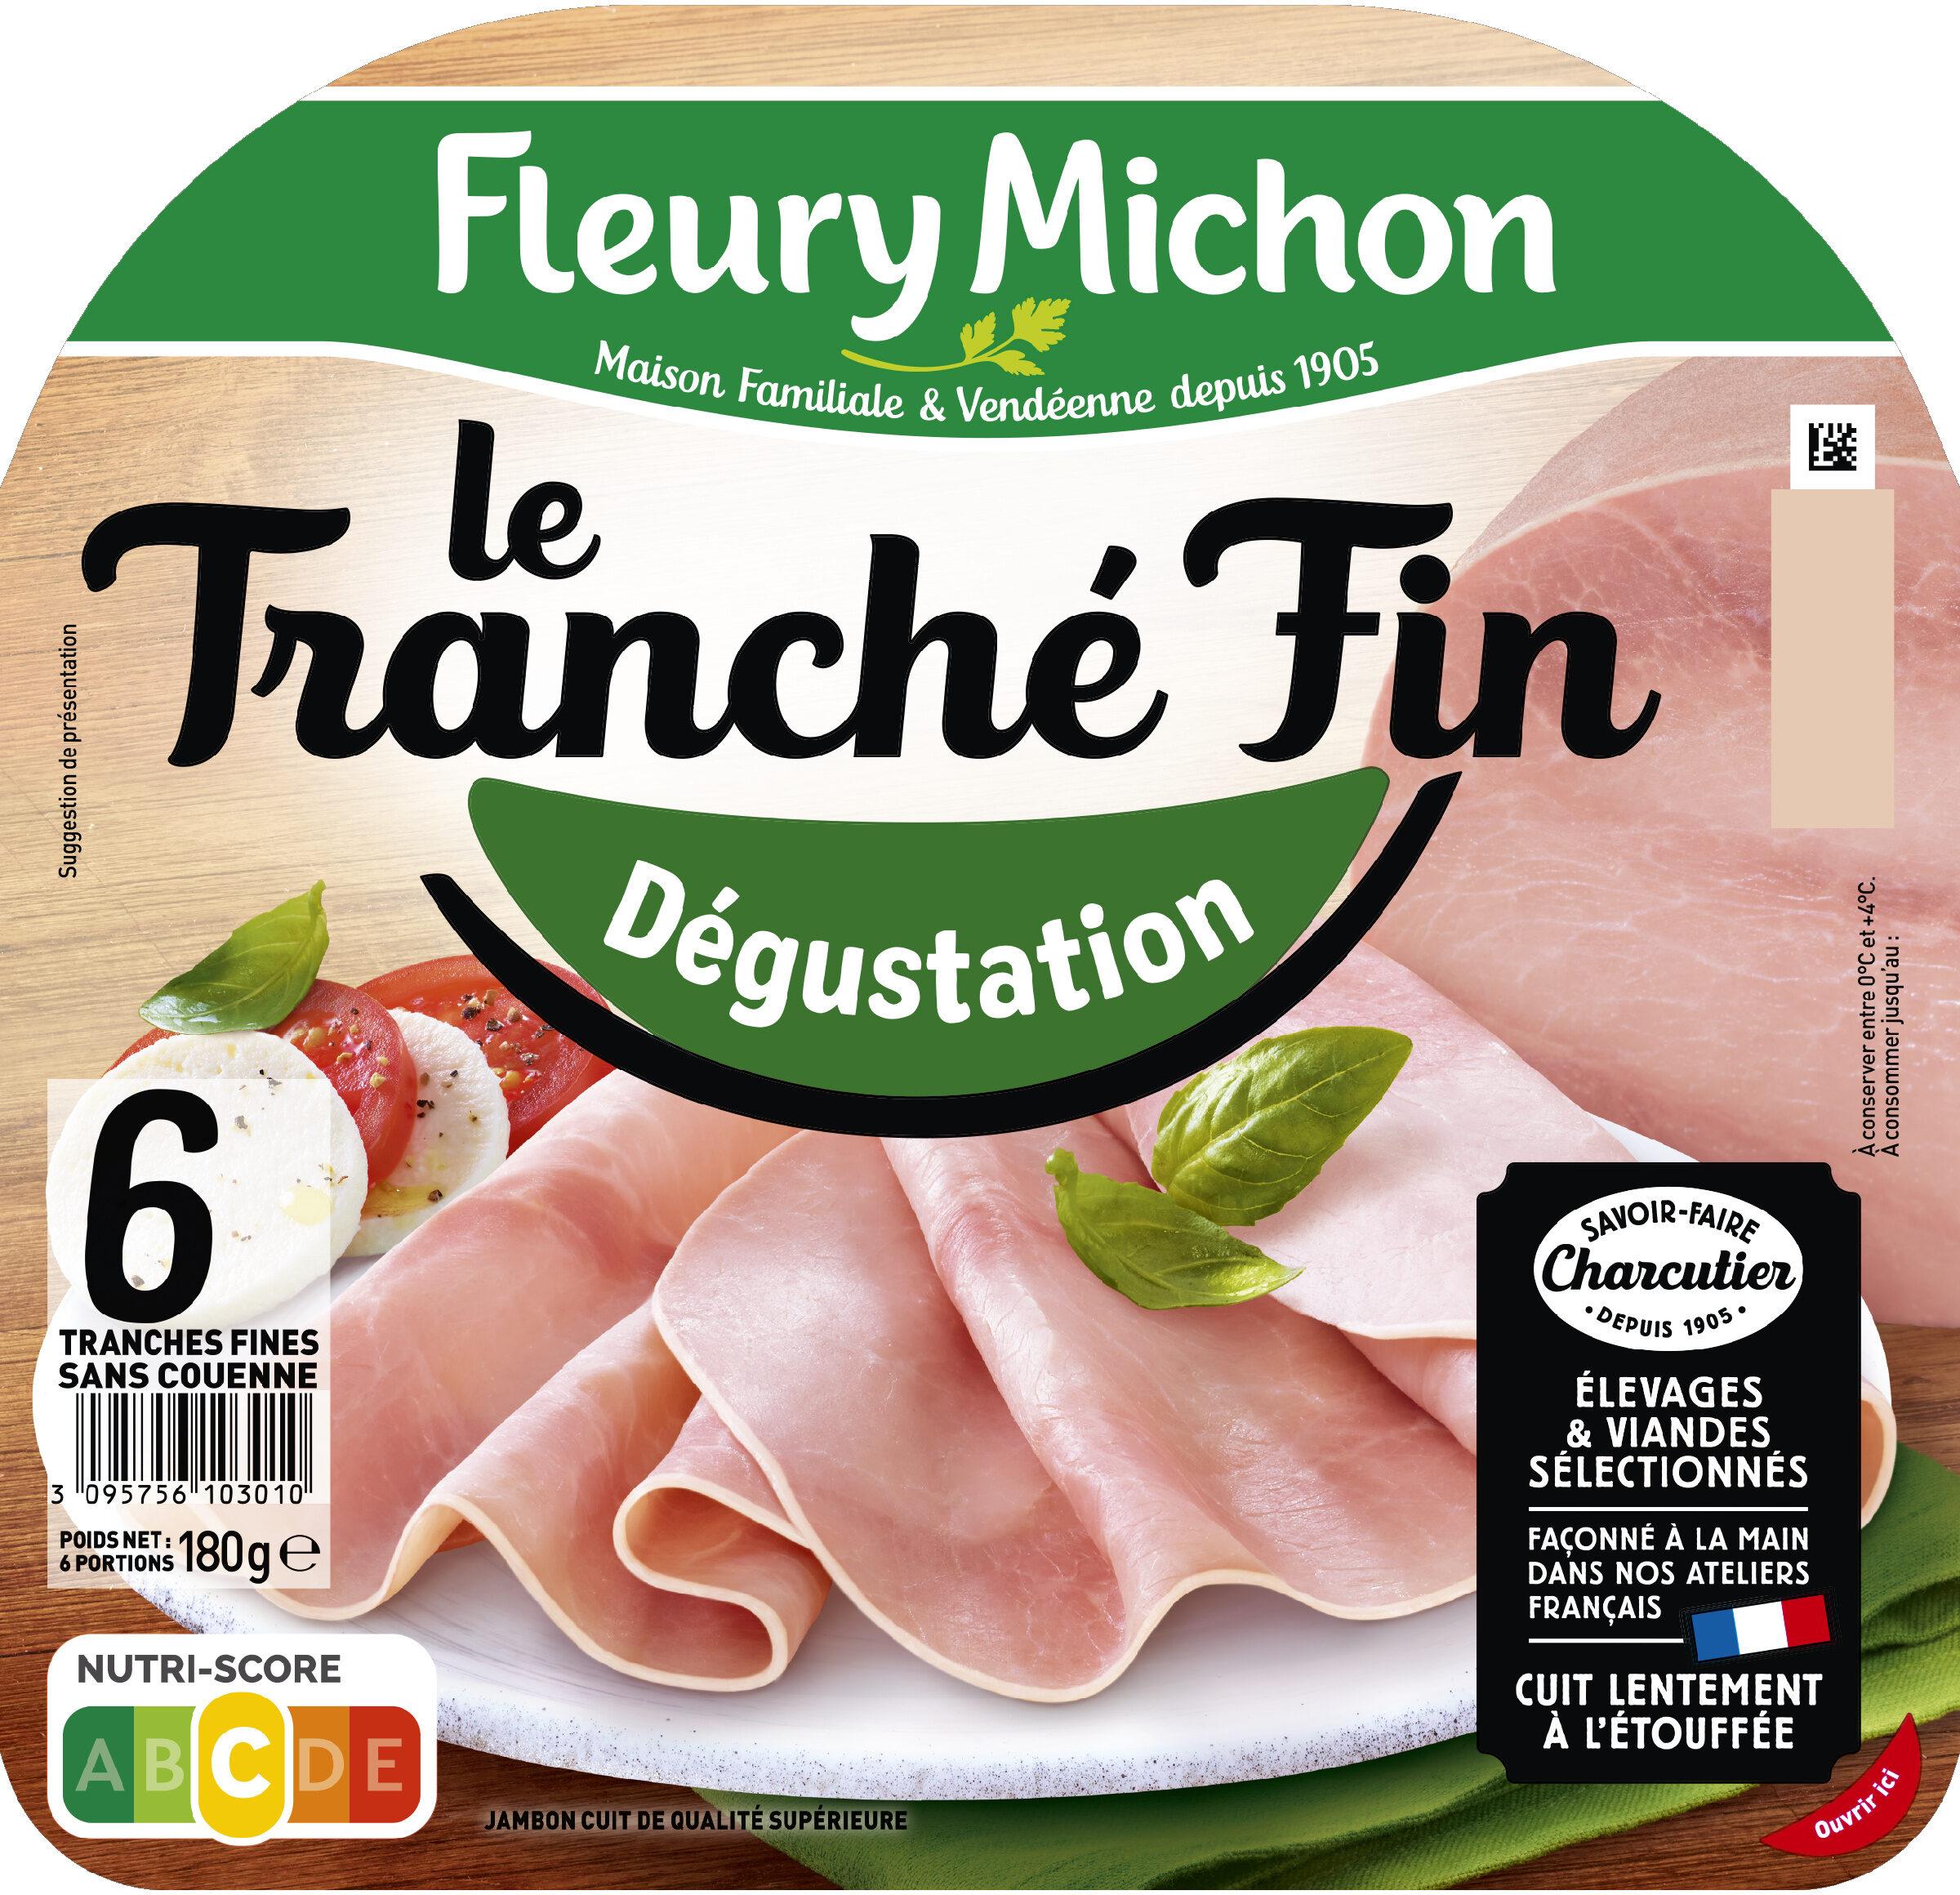 Le tranché fin Dégustation - 6tr. - Produit - fr